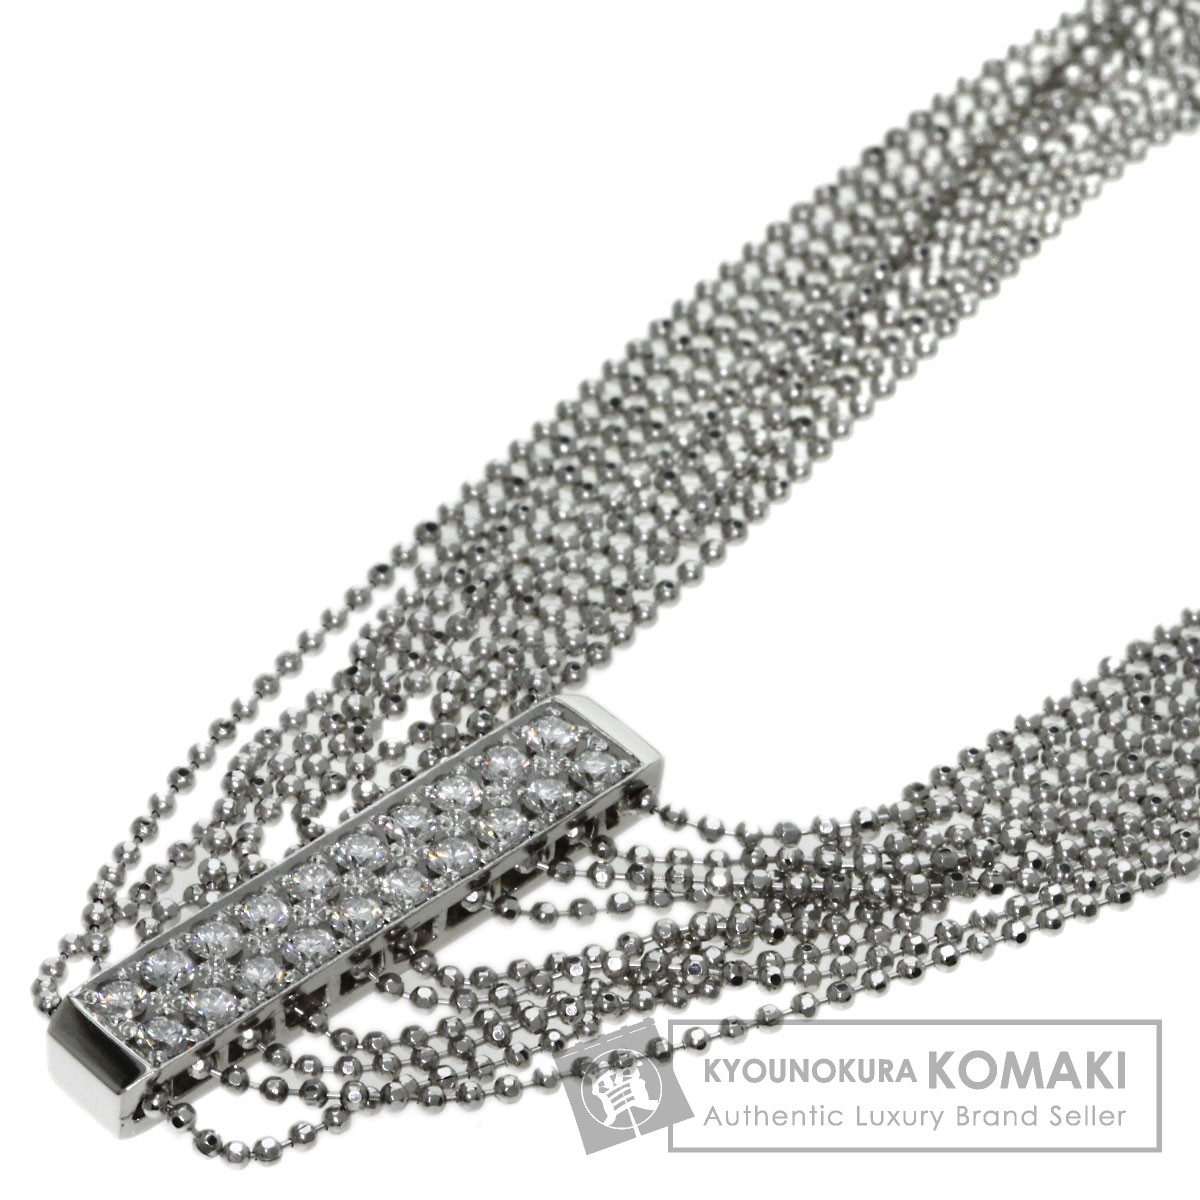 star sand ダイヤモンド ネックレス プラチナPT900 レディース 【中古】【星の砂】